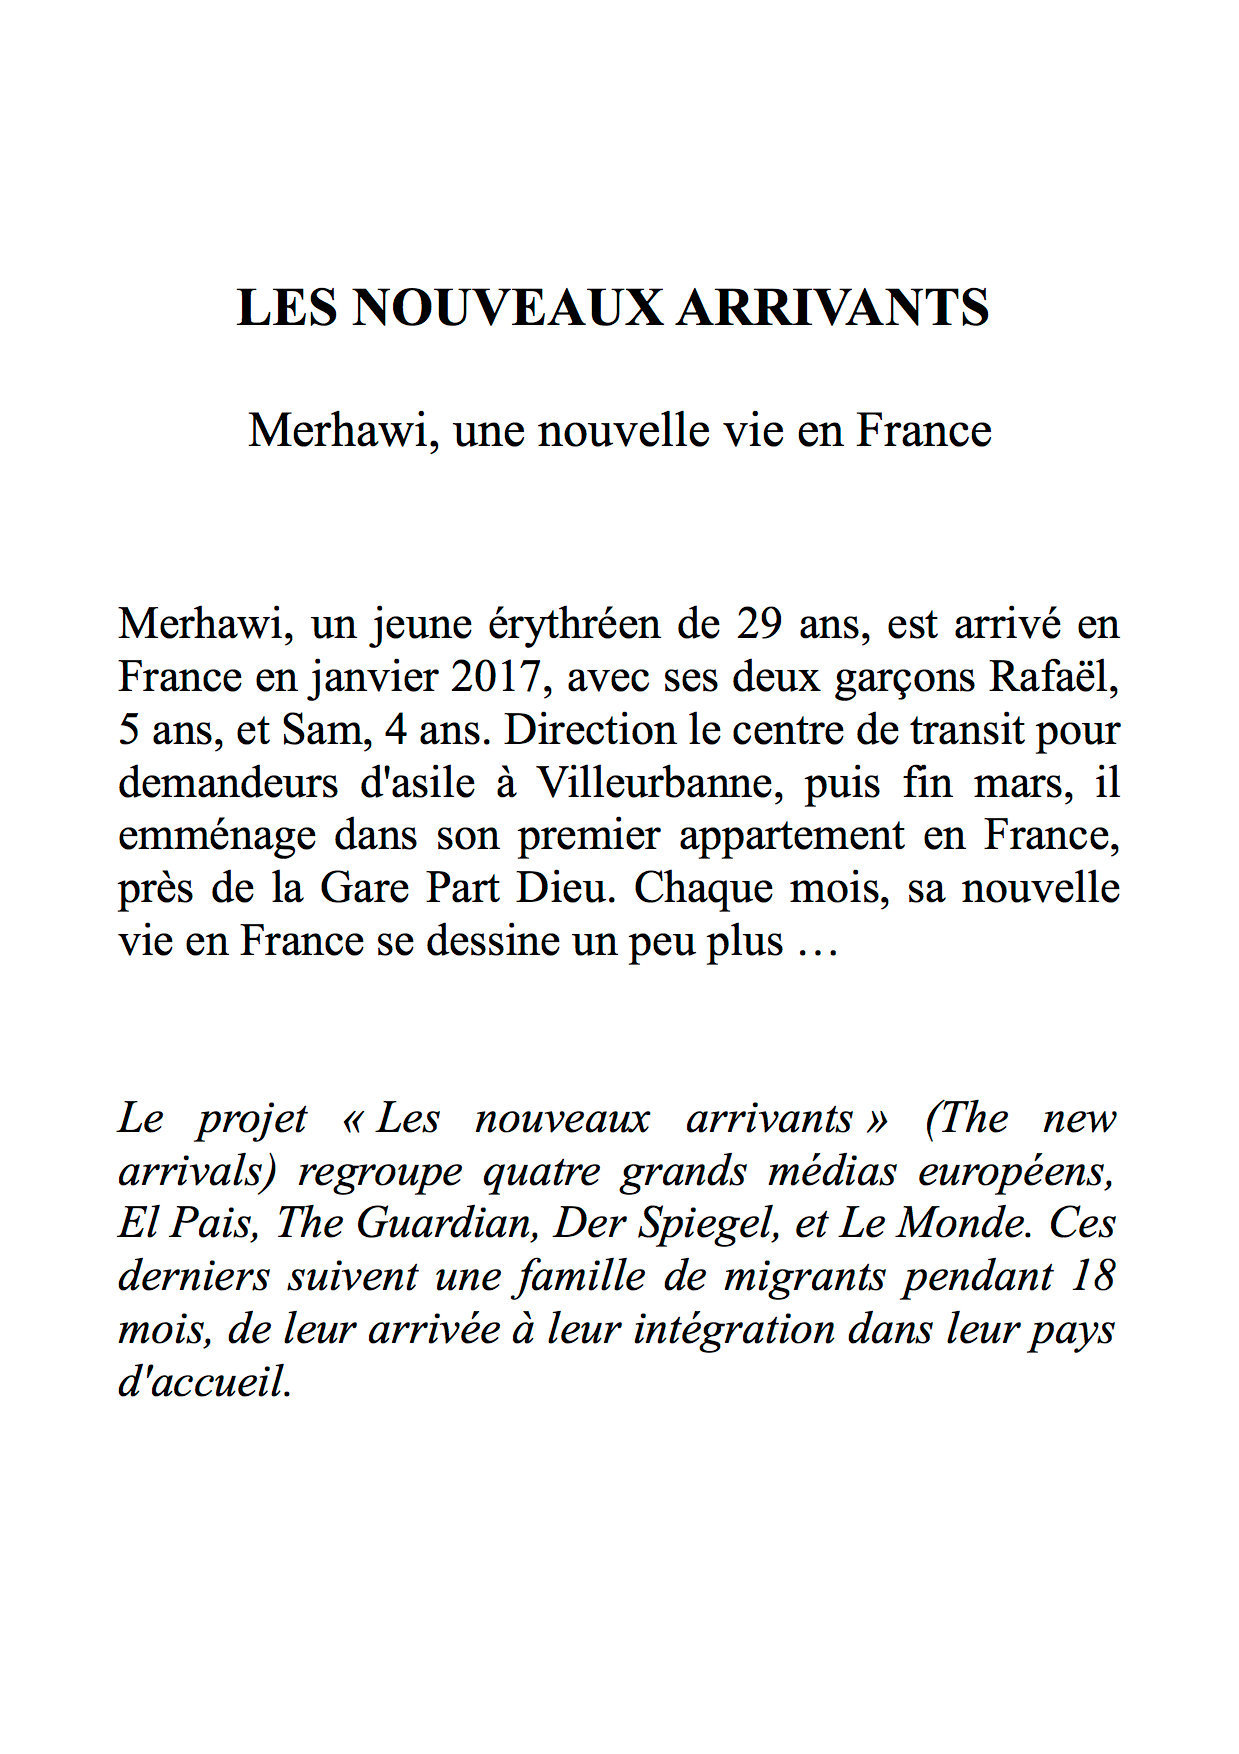 Texte Les nouveaux arrivants  - copie.jpg